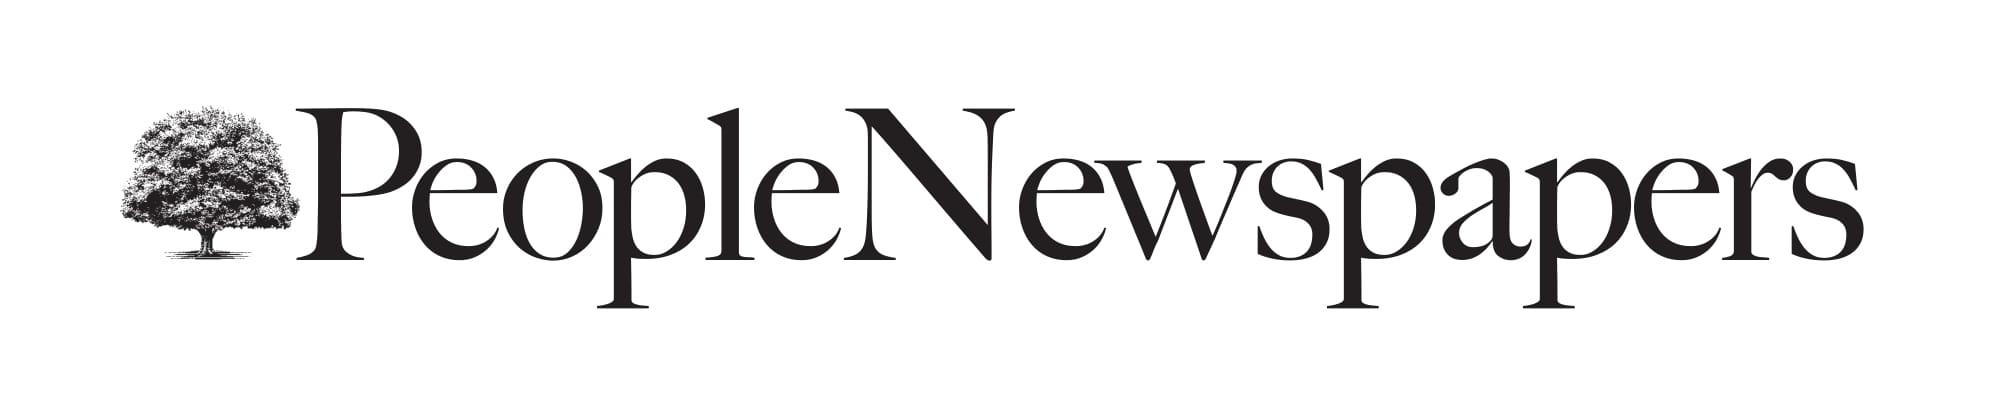 people-newspapers.jpg